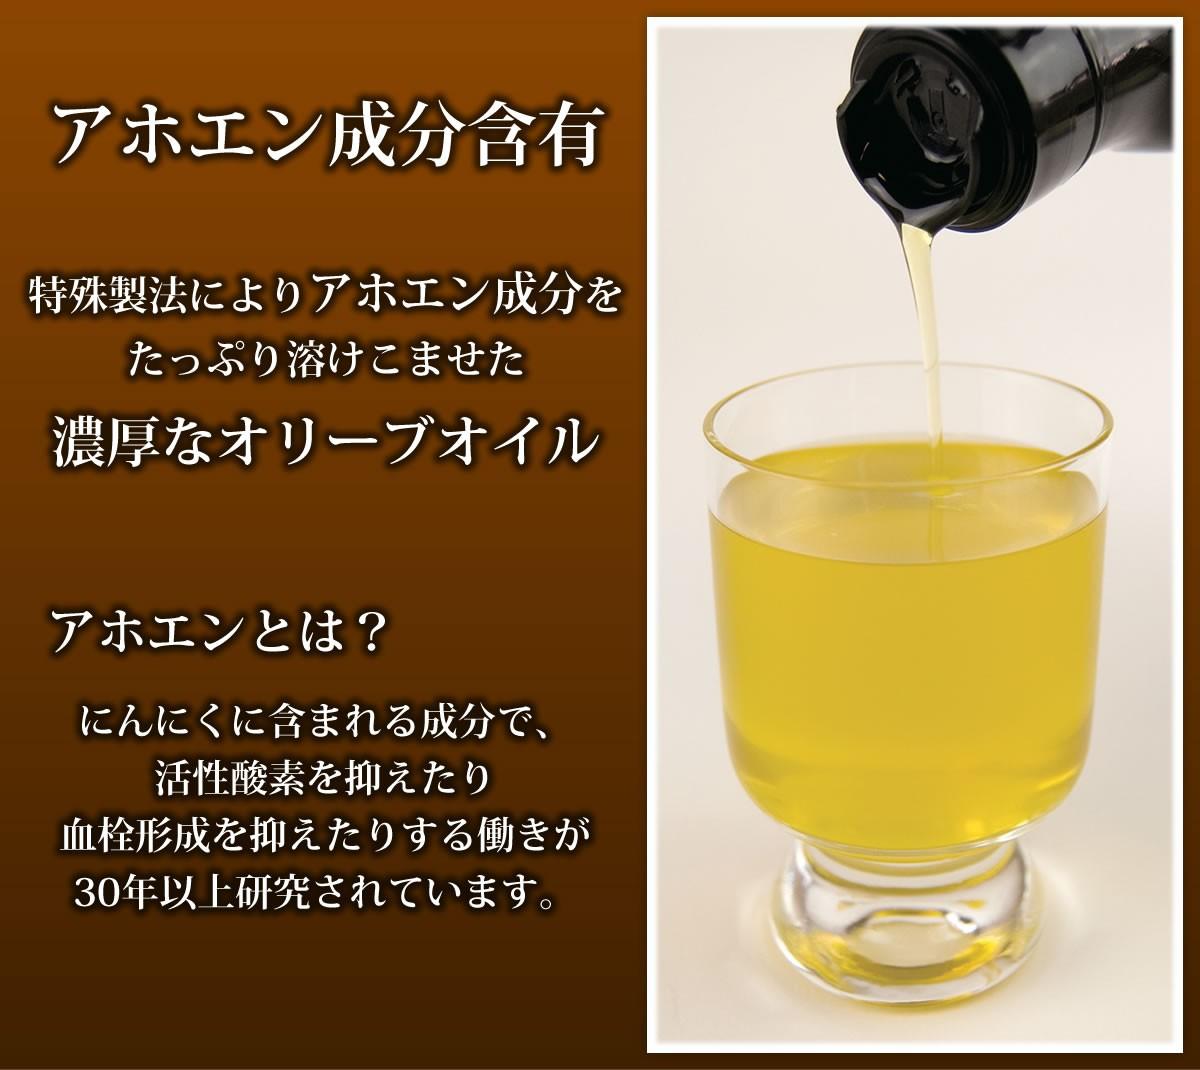 アホエン成分含有。特殊製法によりアホエン成分をたっぷり溶けこませた濃厚なオリーブオイルです。